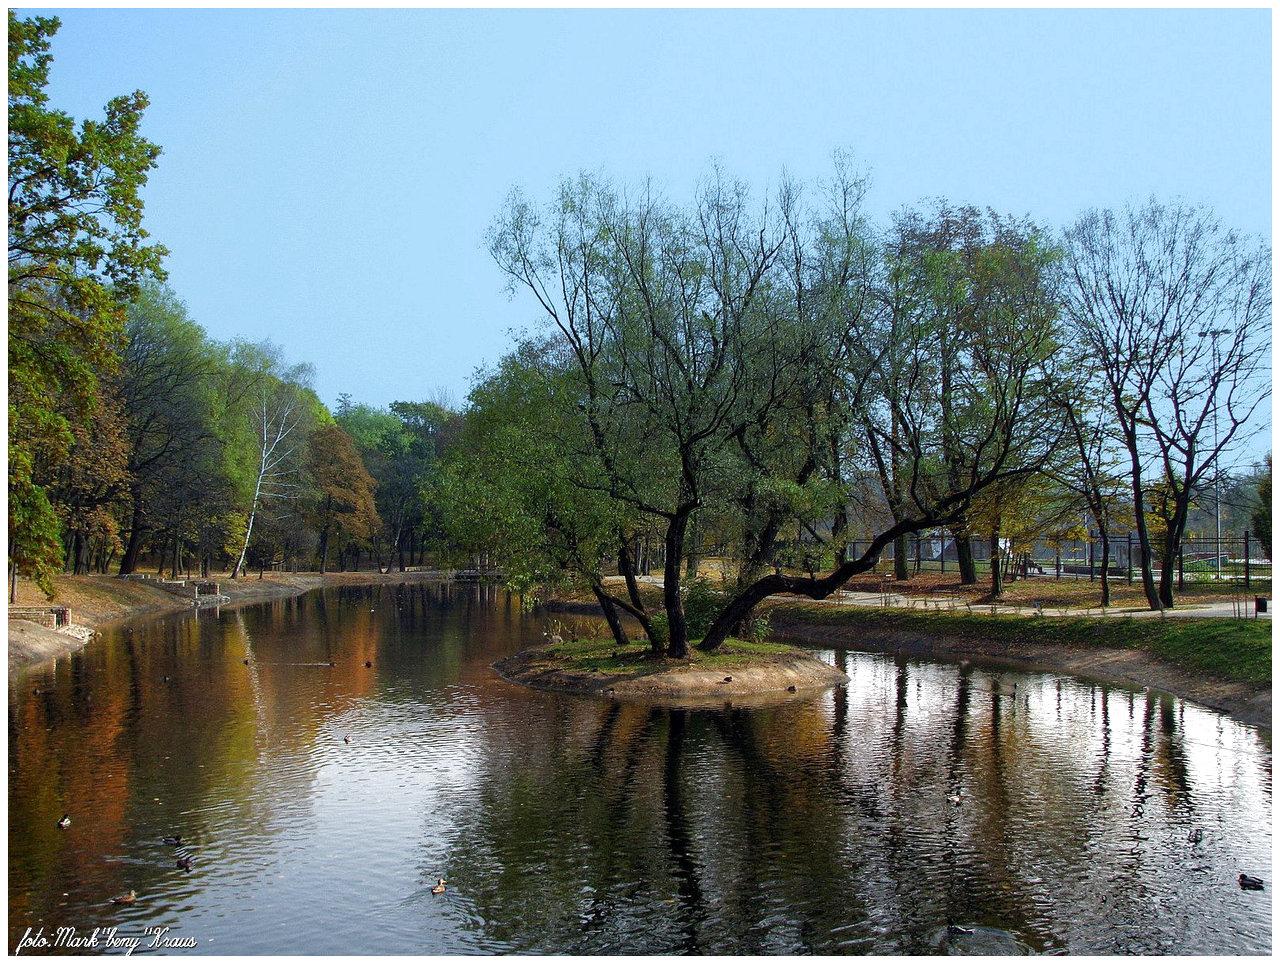 Park Miejski im. Franciszka Kachla